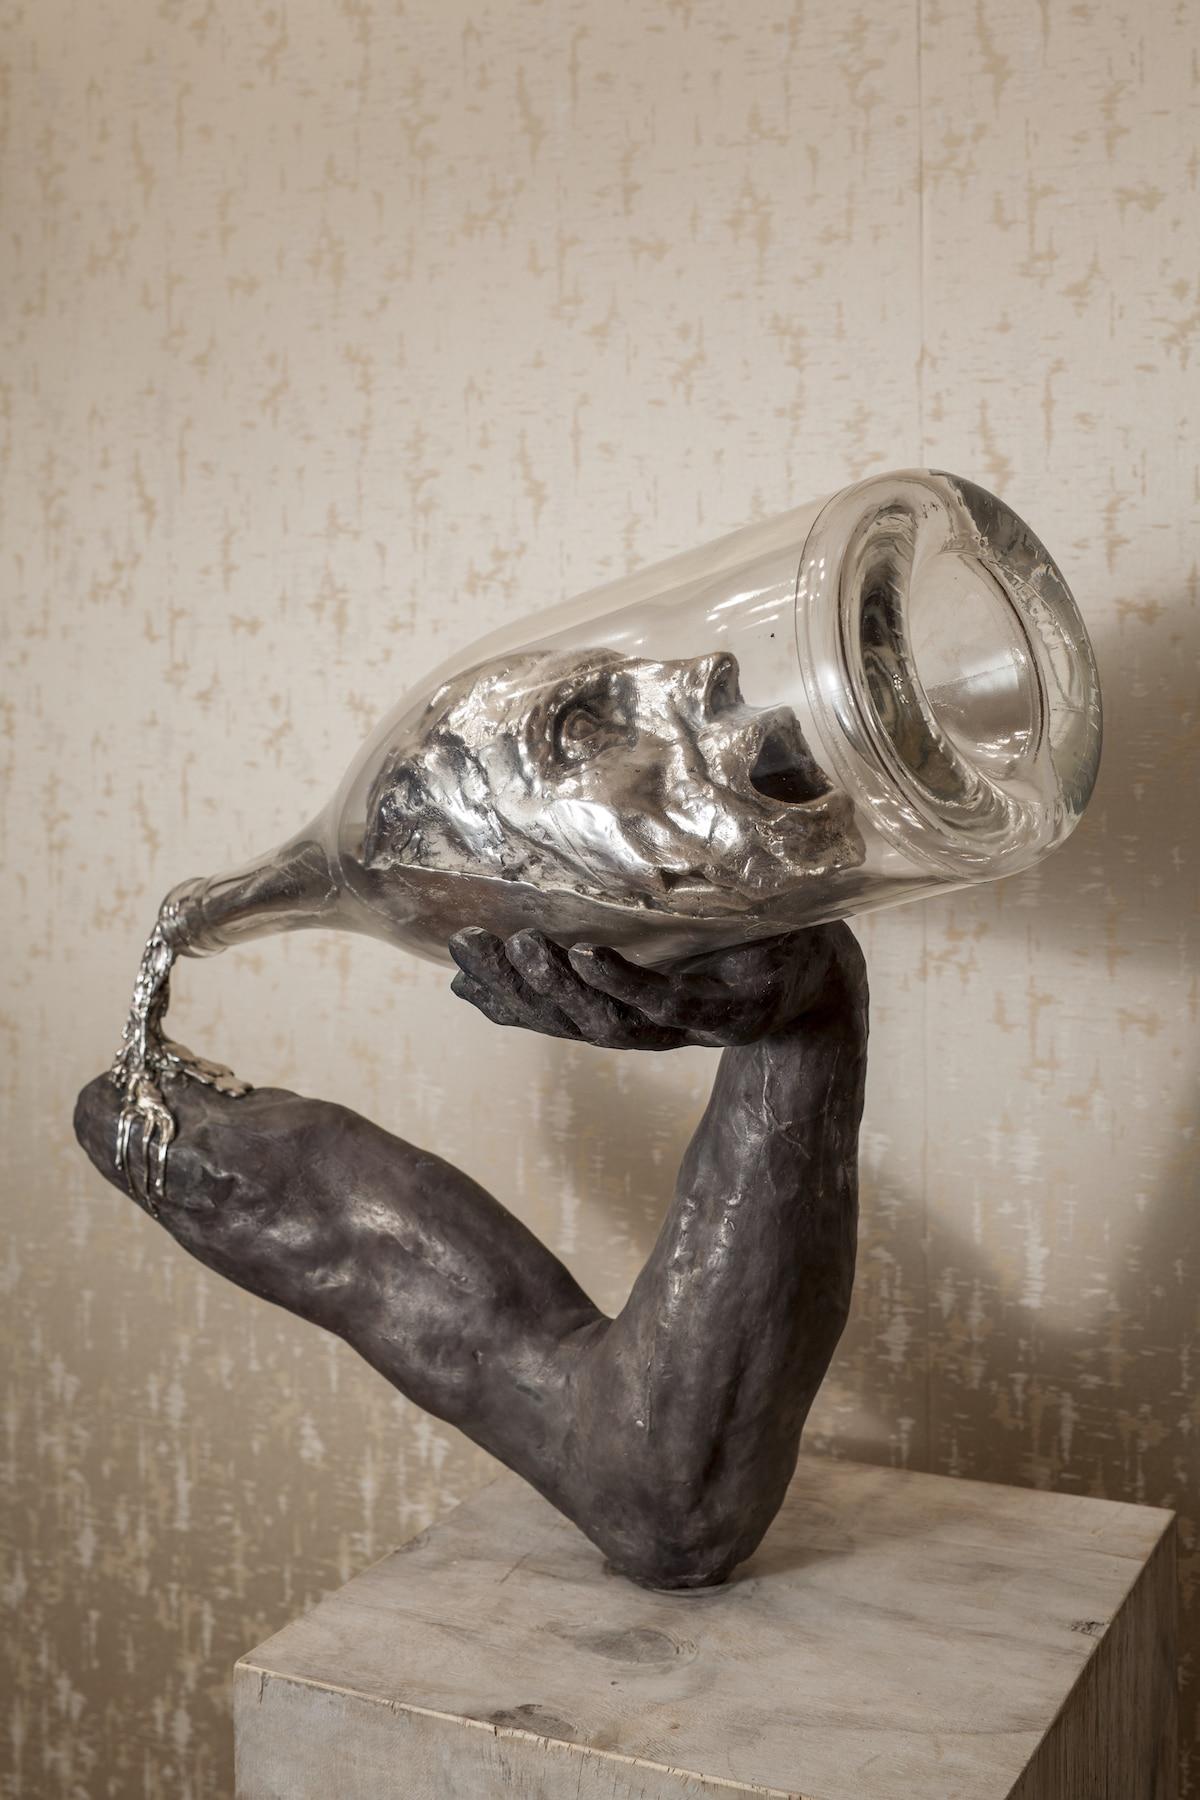 Esculturas conceptuales de bronce y vidrio de Thomas Lerooy